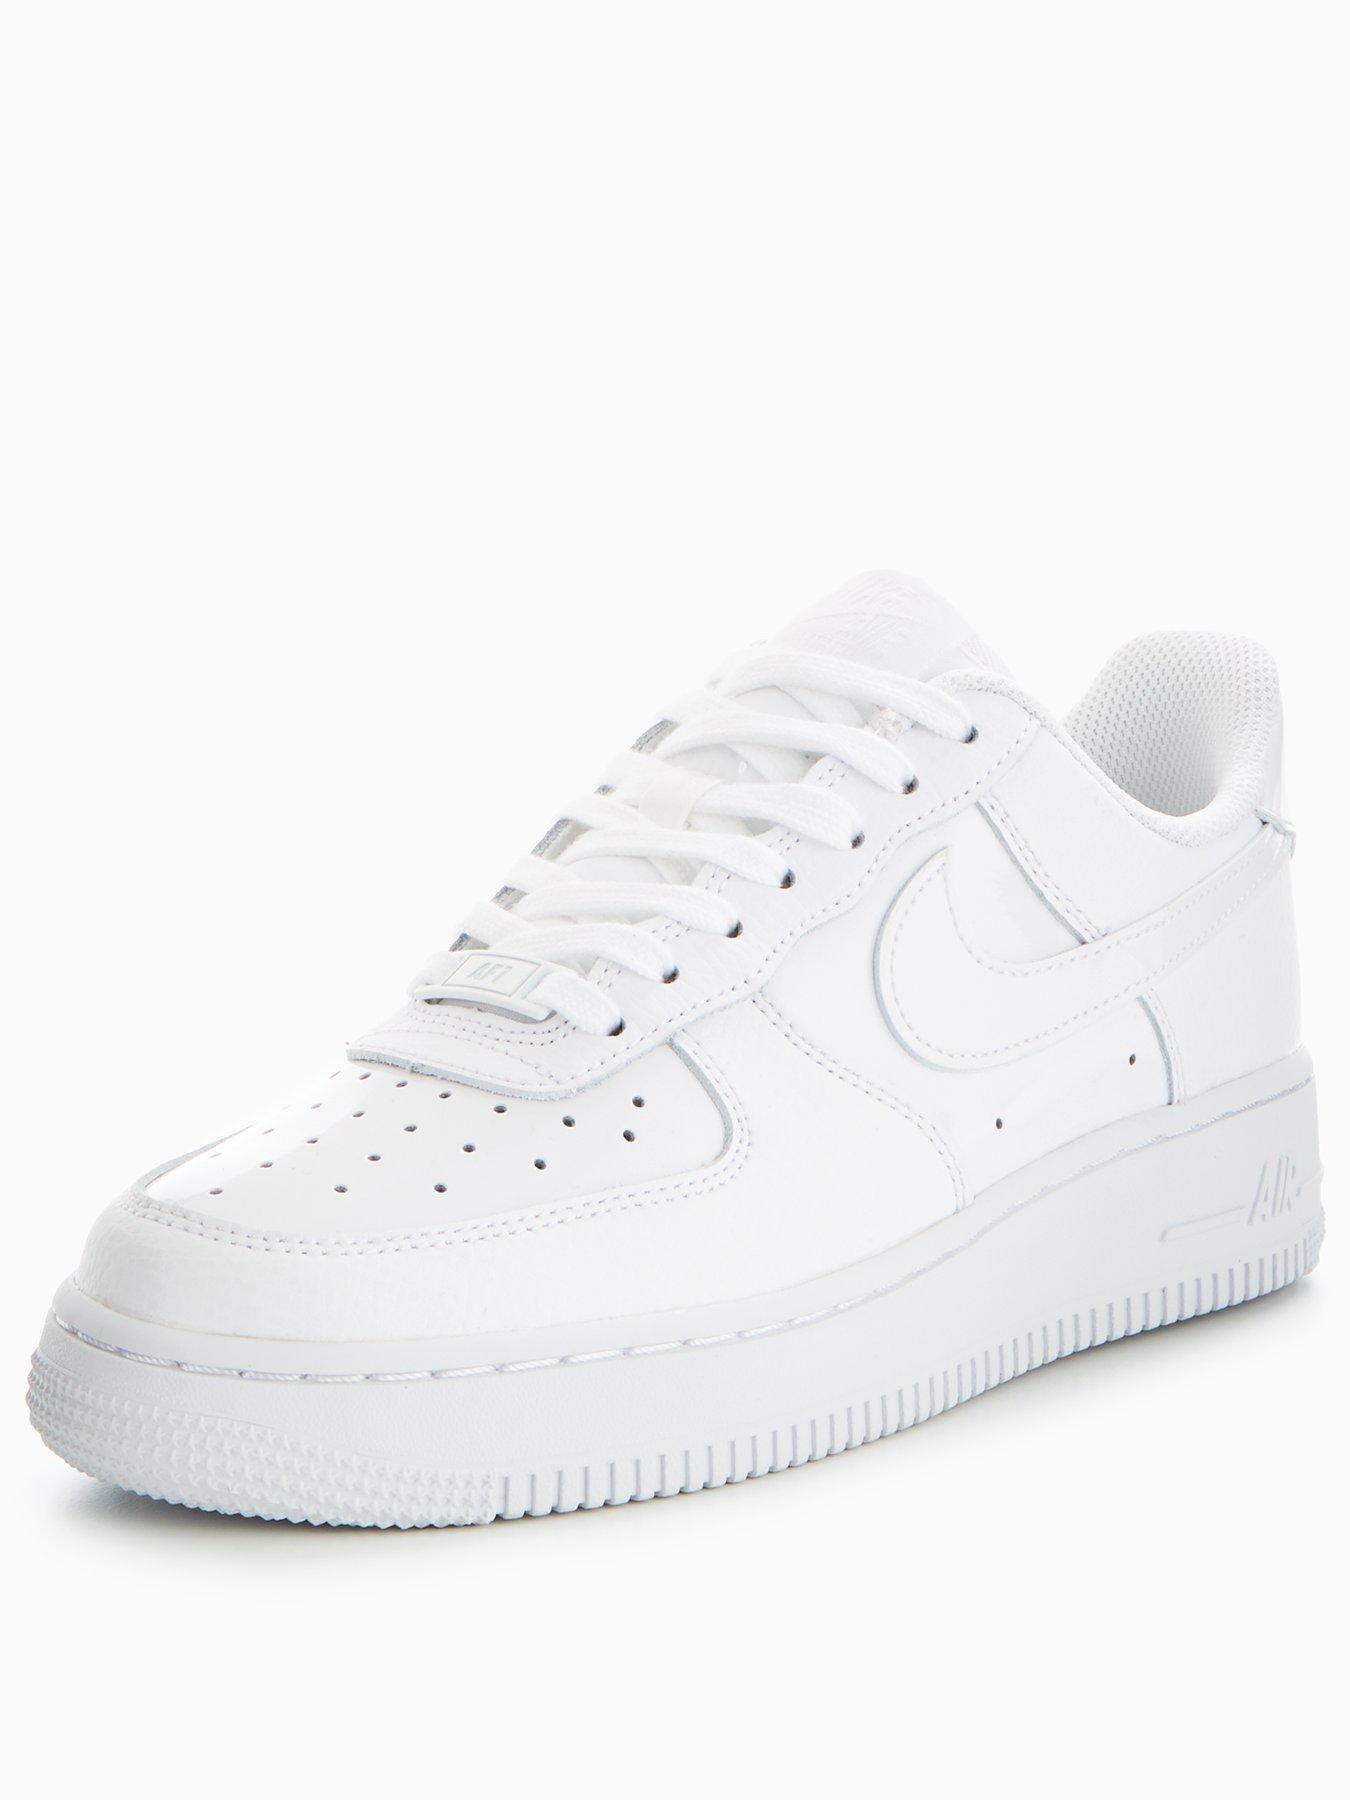 1350x1800 Nike Air Force 1 White Nike